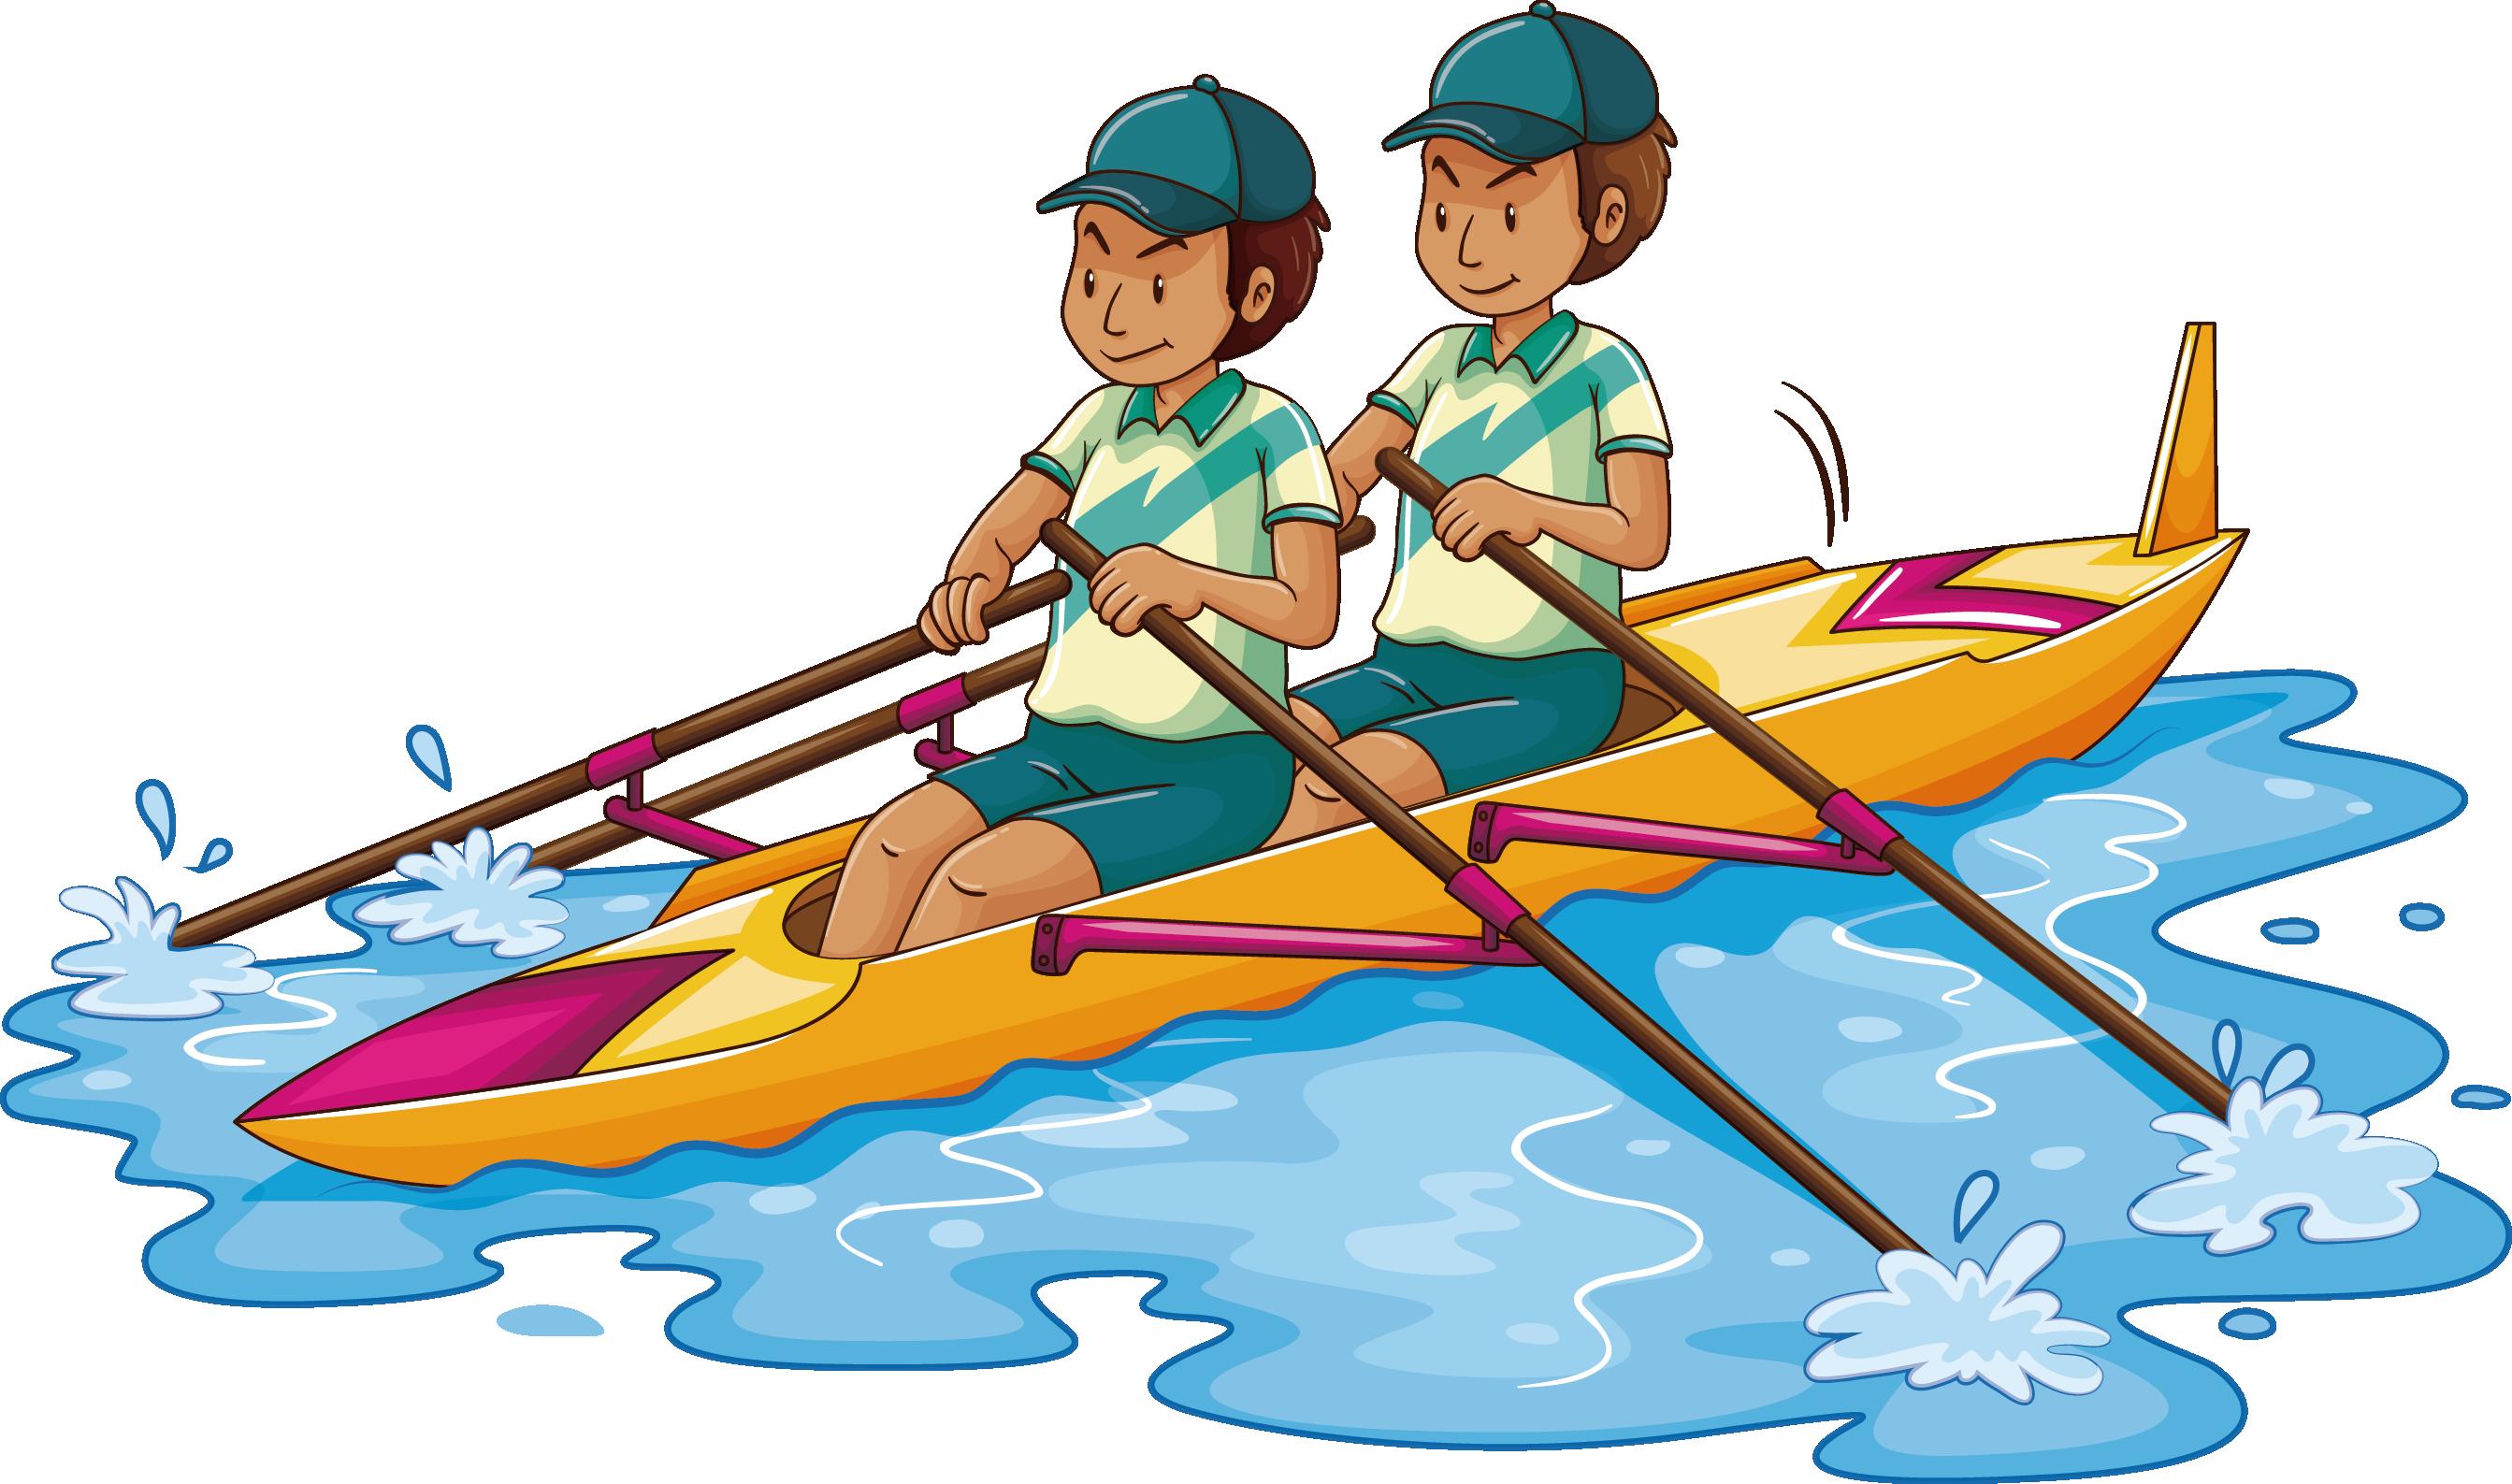 banner royalty free download Kayaking clipart recreation. Rowing kayak clip art.